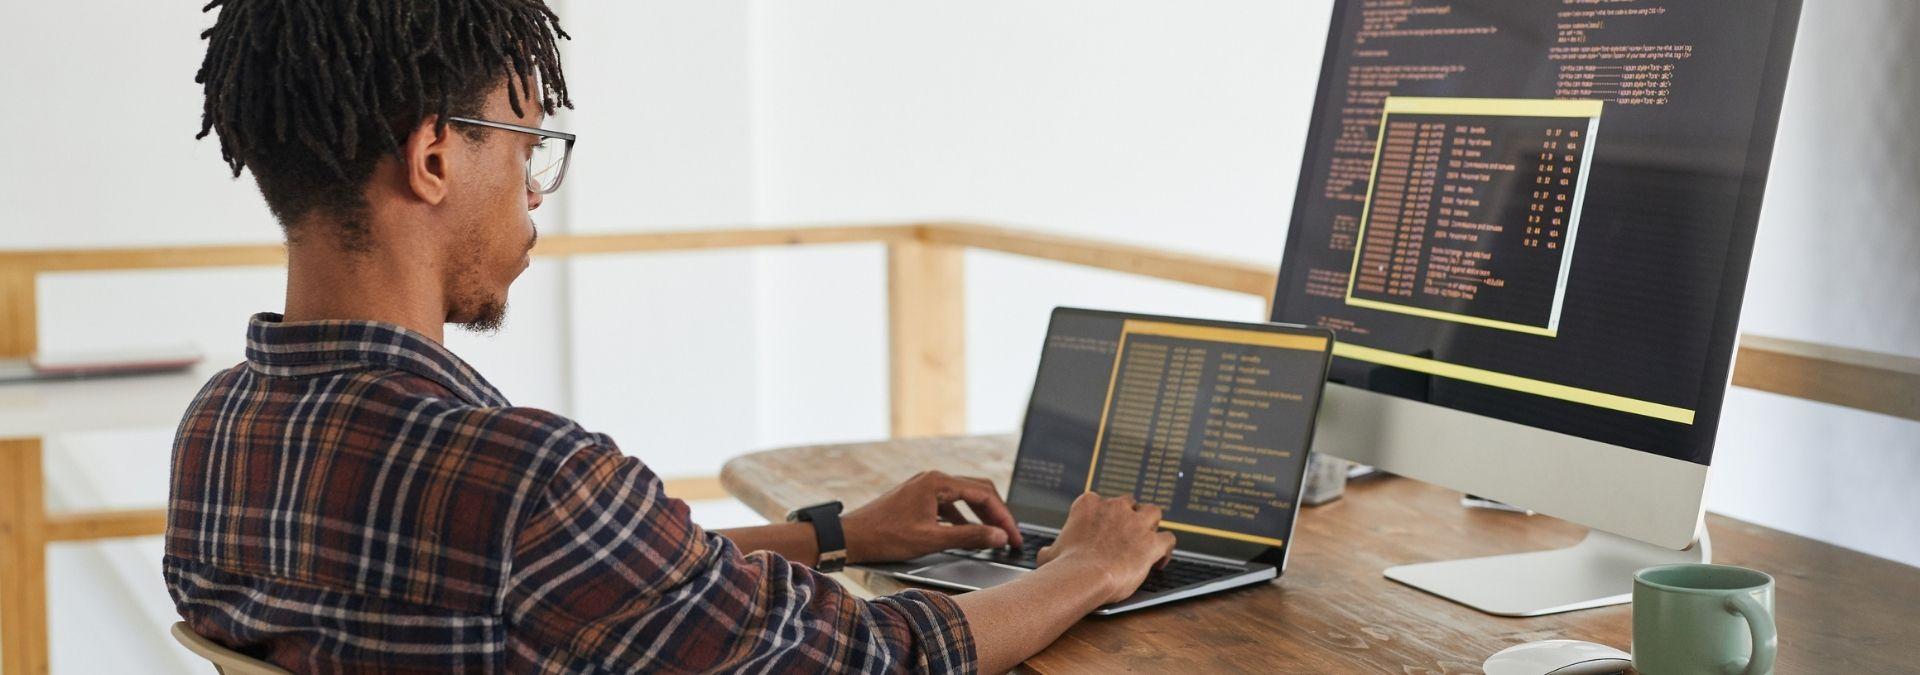 IT-Web Development Specialist